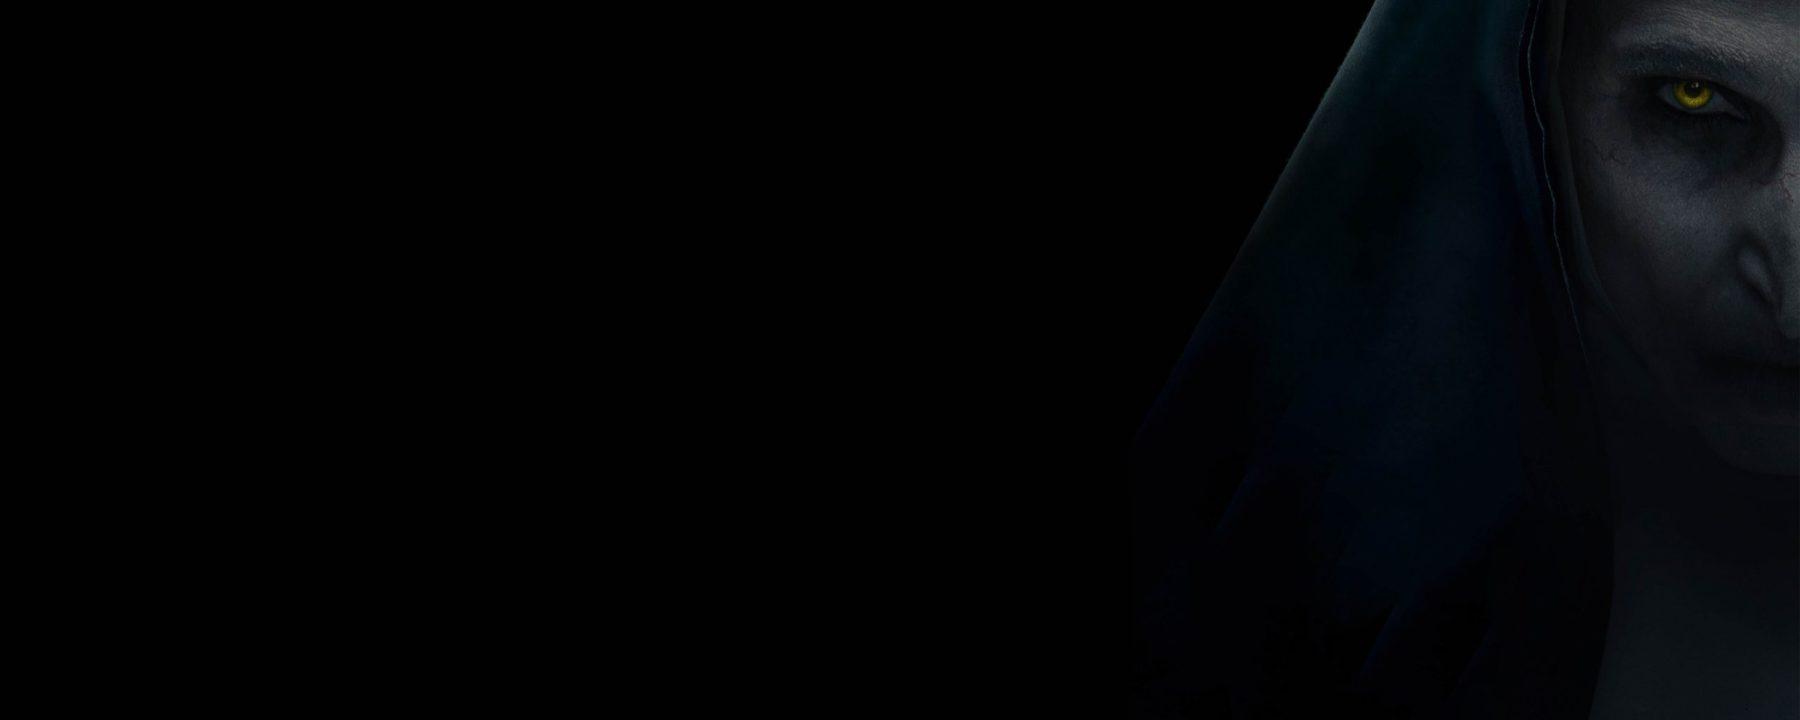 The Nun libera cuatro promos de cara a su estreno en cines este viernes